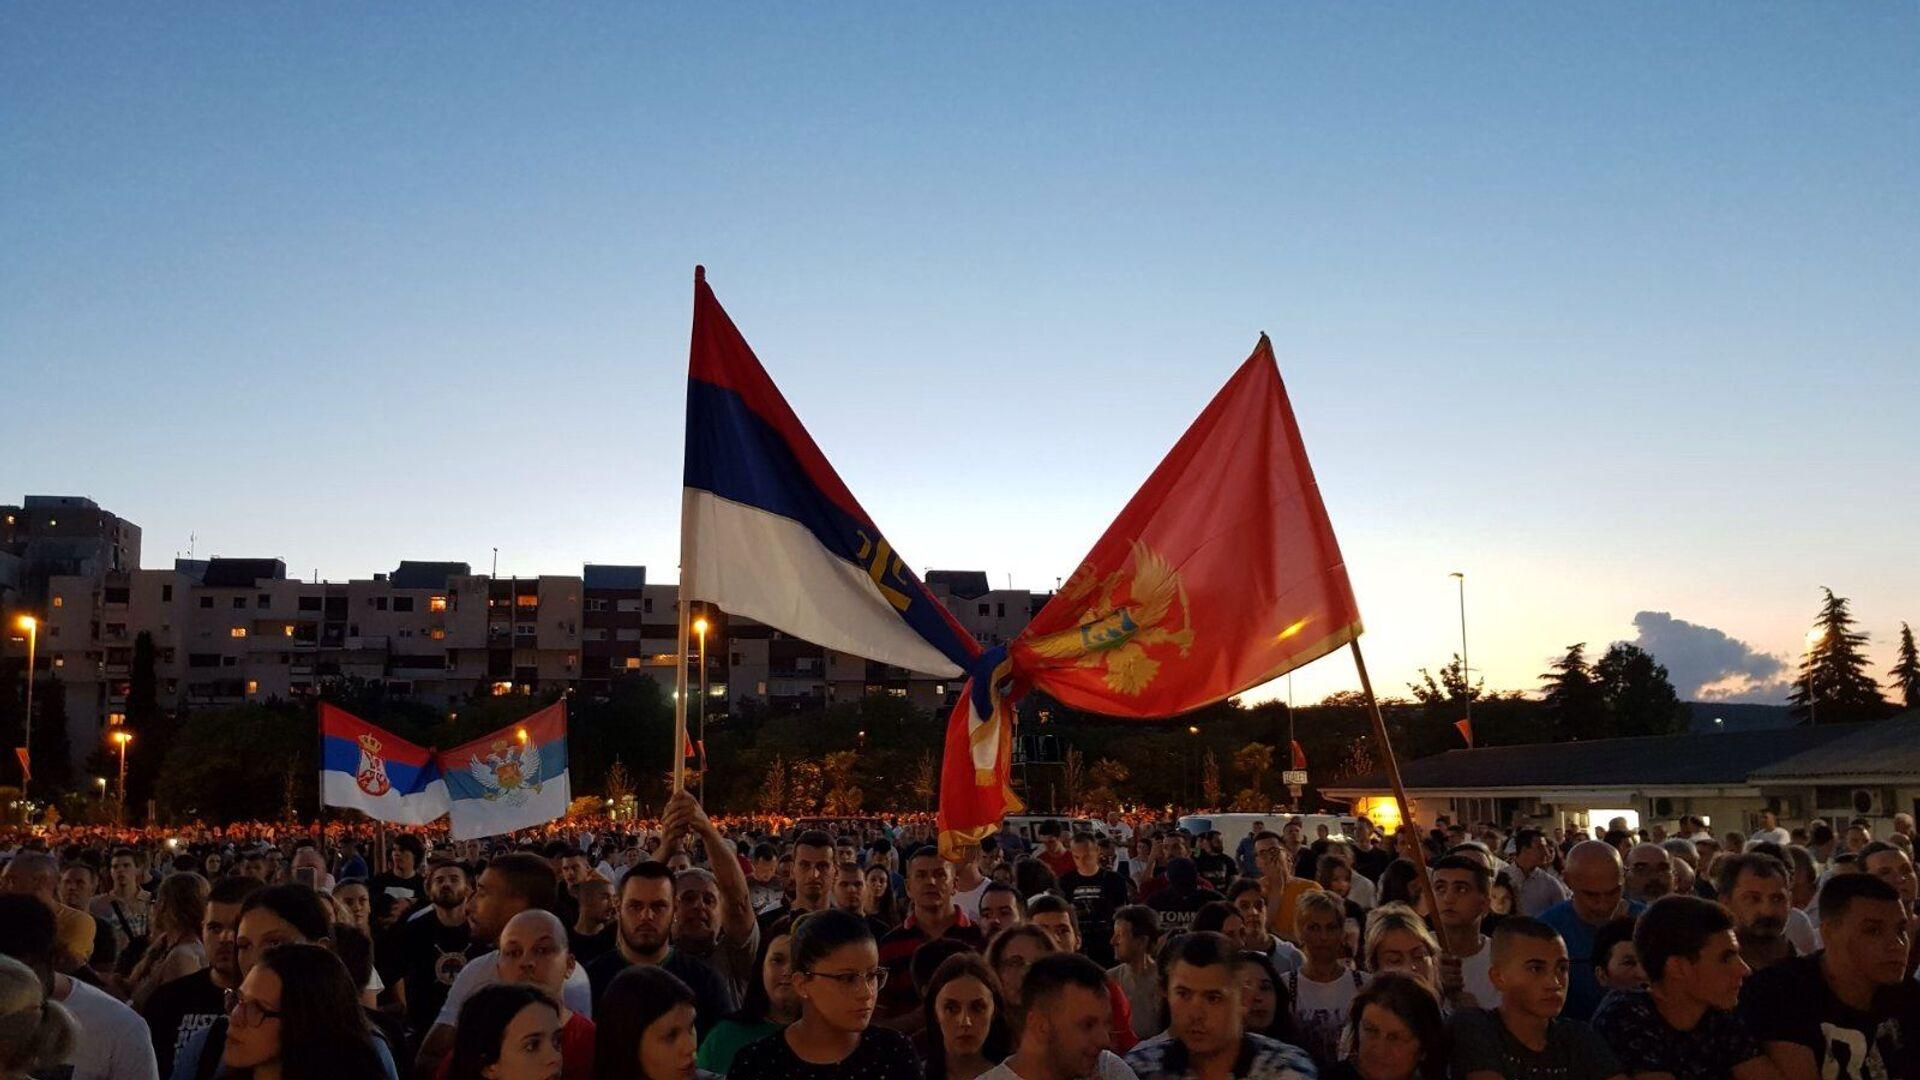 Српска и црногорска застава увезане на молебану у Подгорици - Sputnik Србија, 1920, 12.08.2021